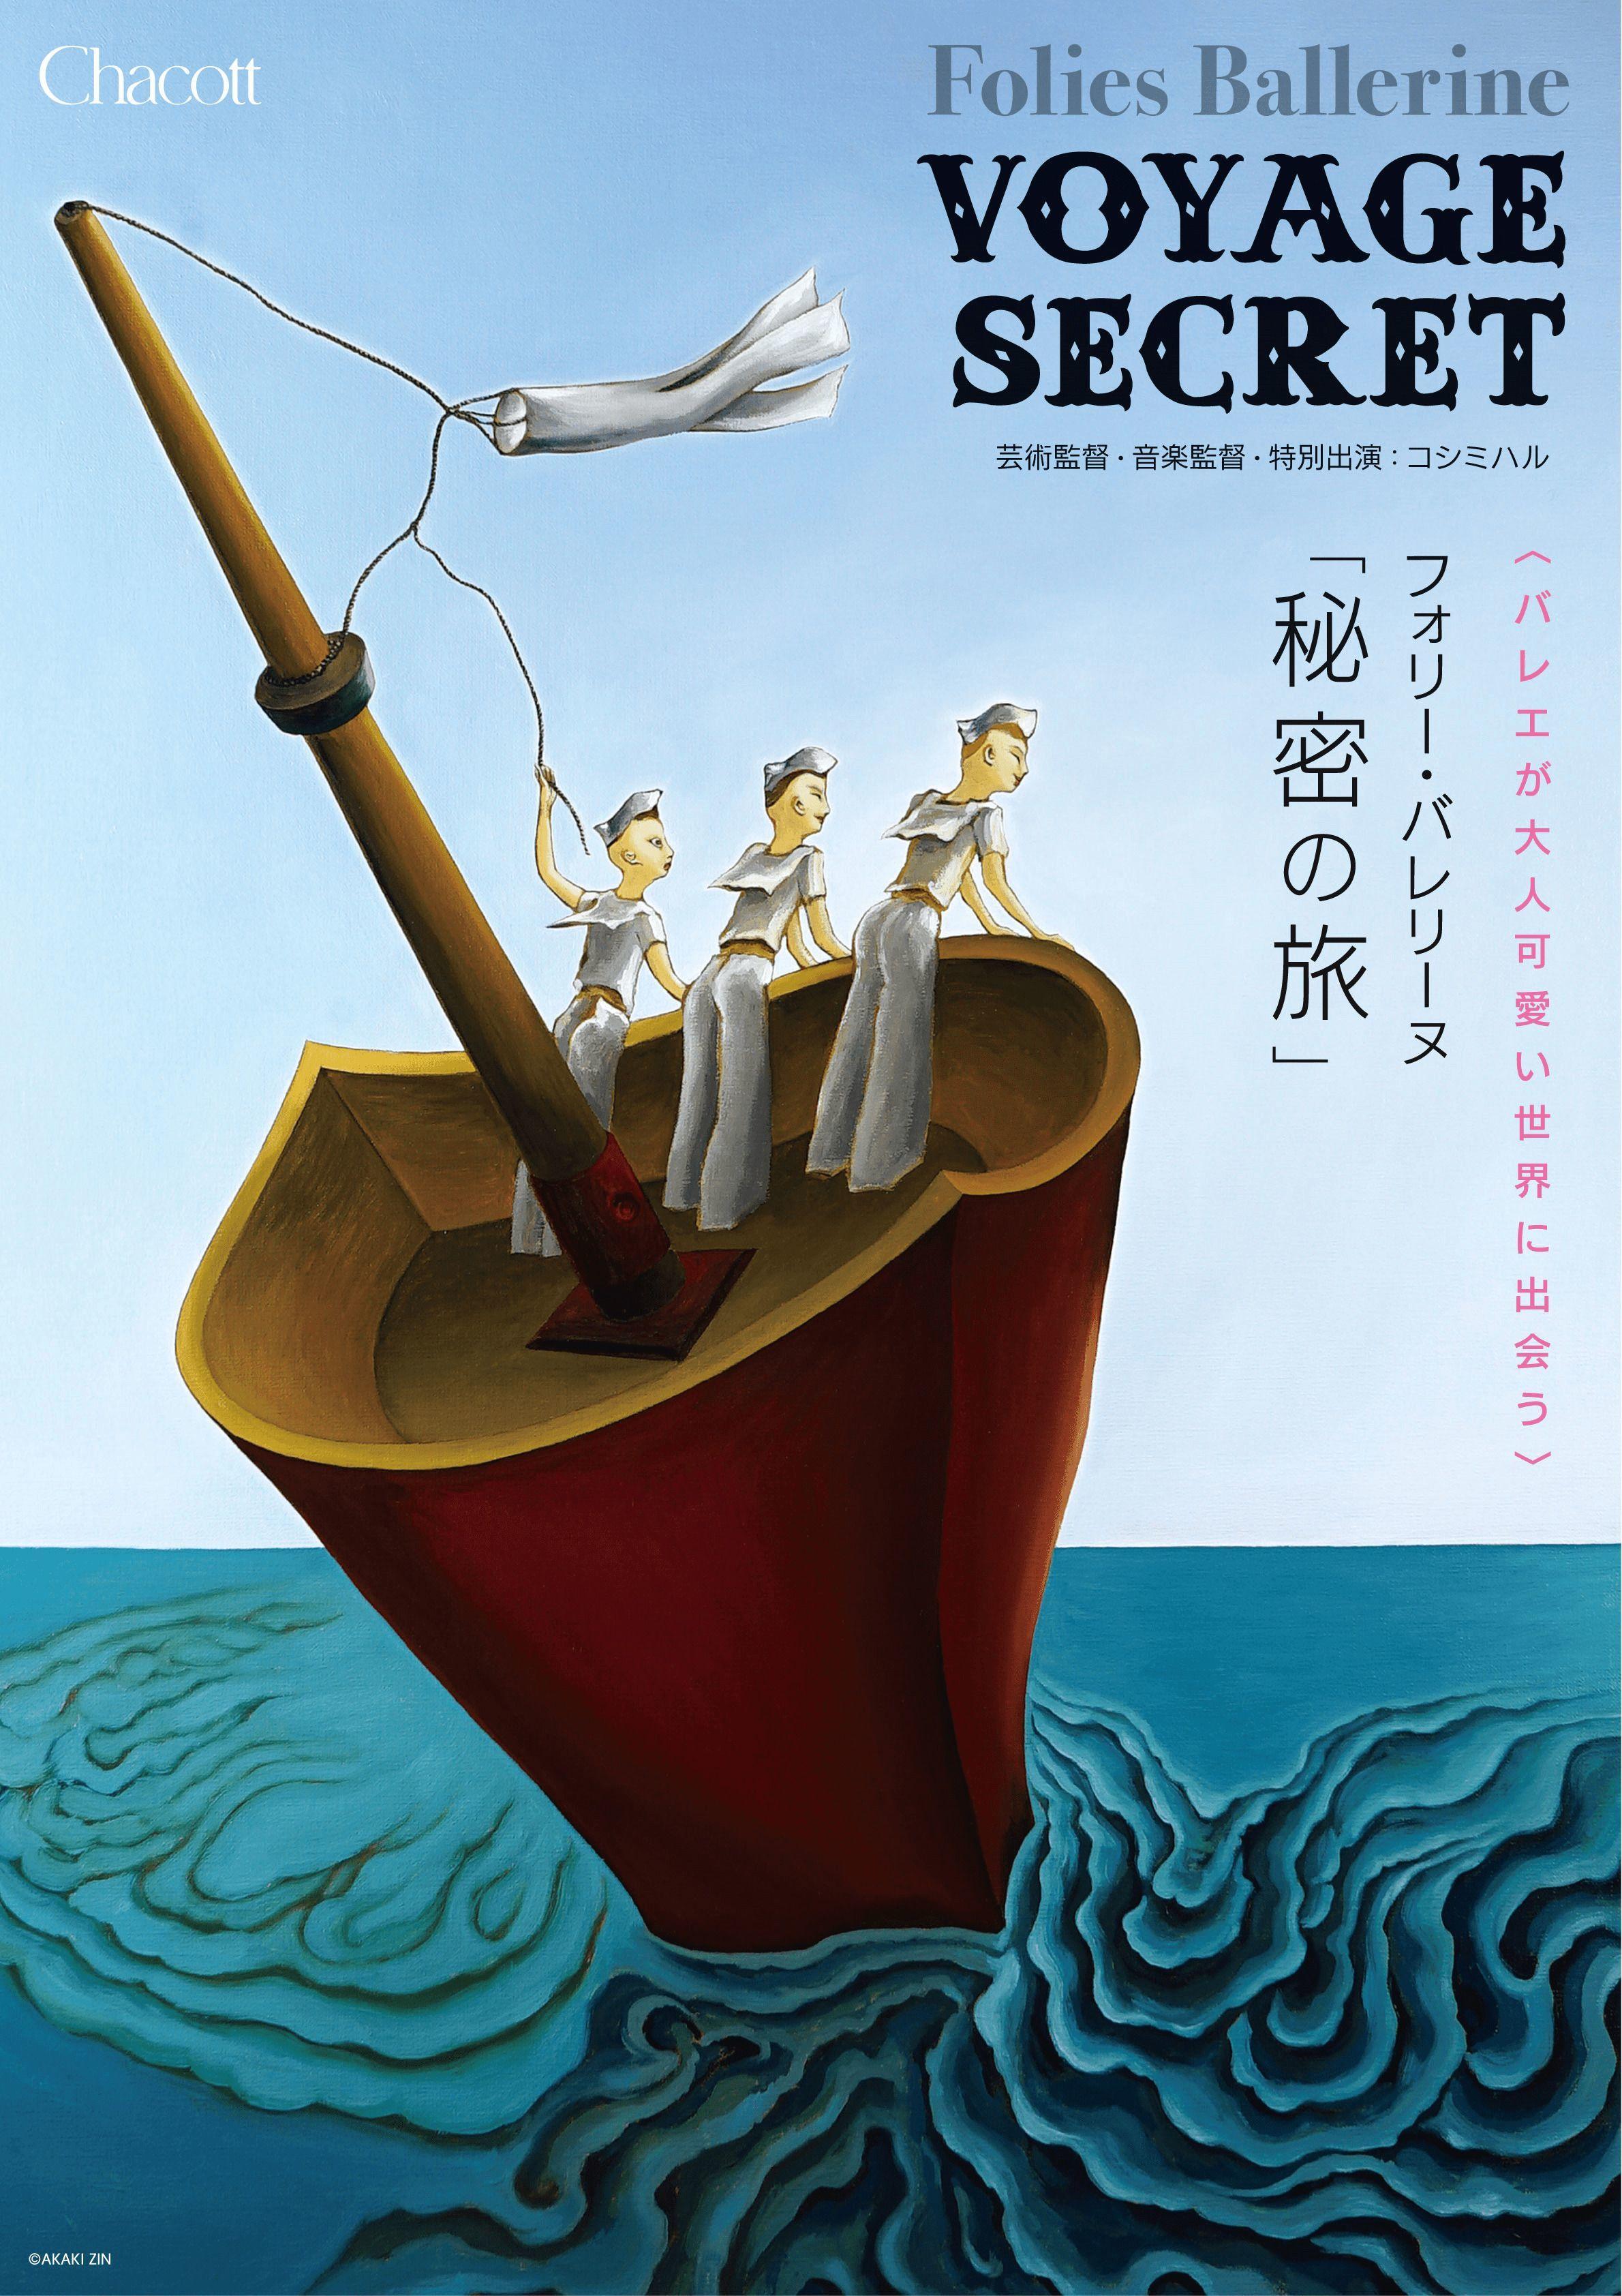 〈音楽/コシミハル×バレエ×大人可愛い〉フォリー・バレリーヌ「秘密の旅」